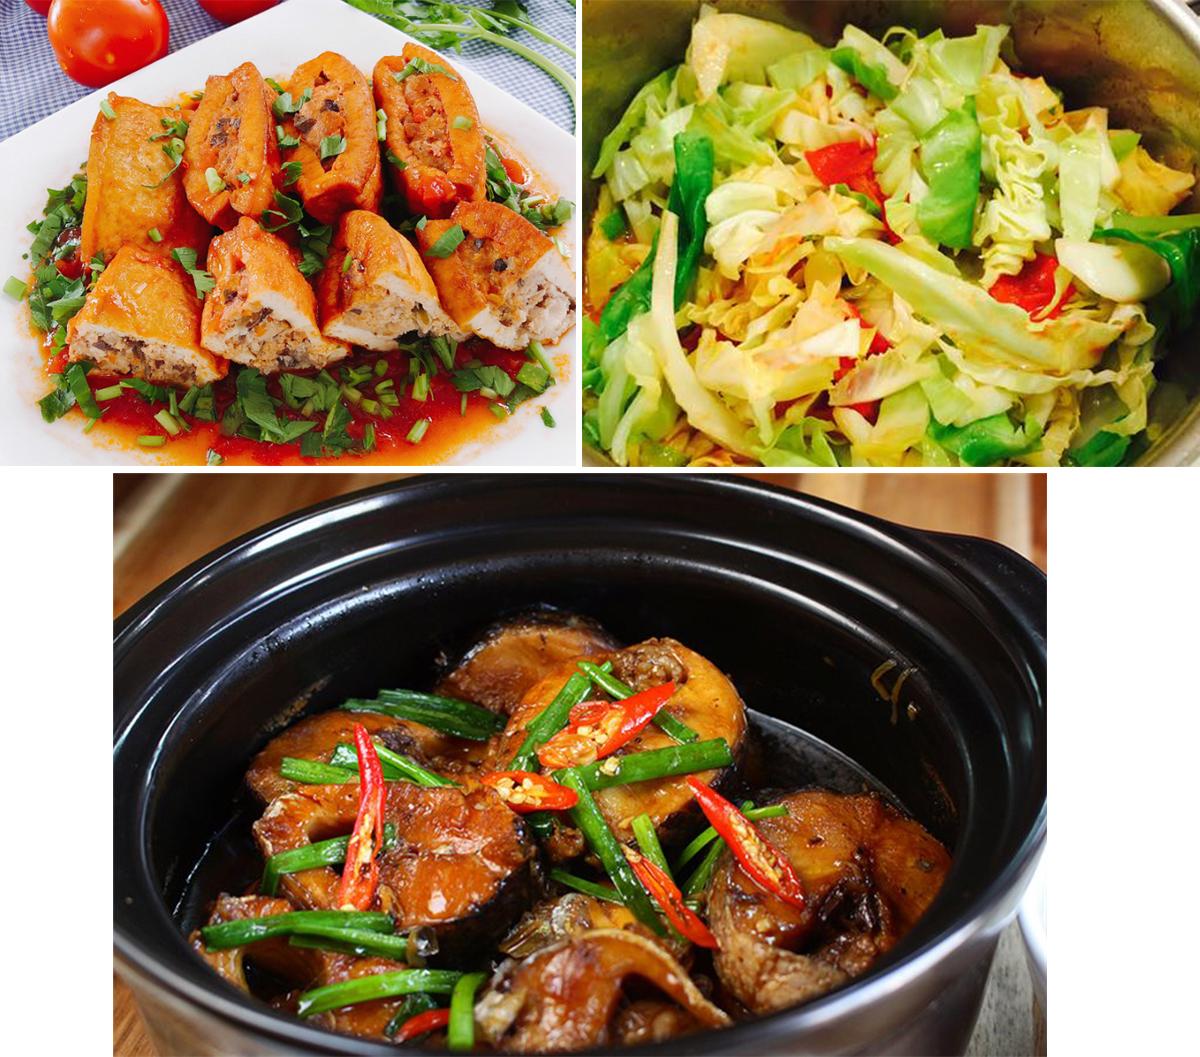 Quán cơm văn phòng ăn ngon tại quận Gò Vấp